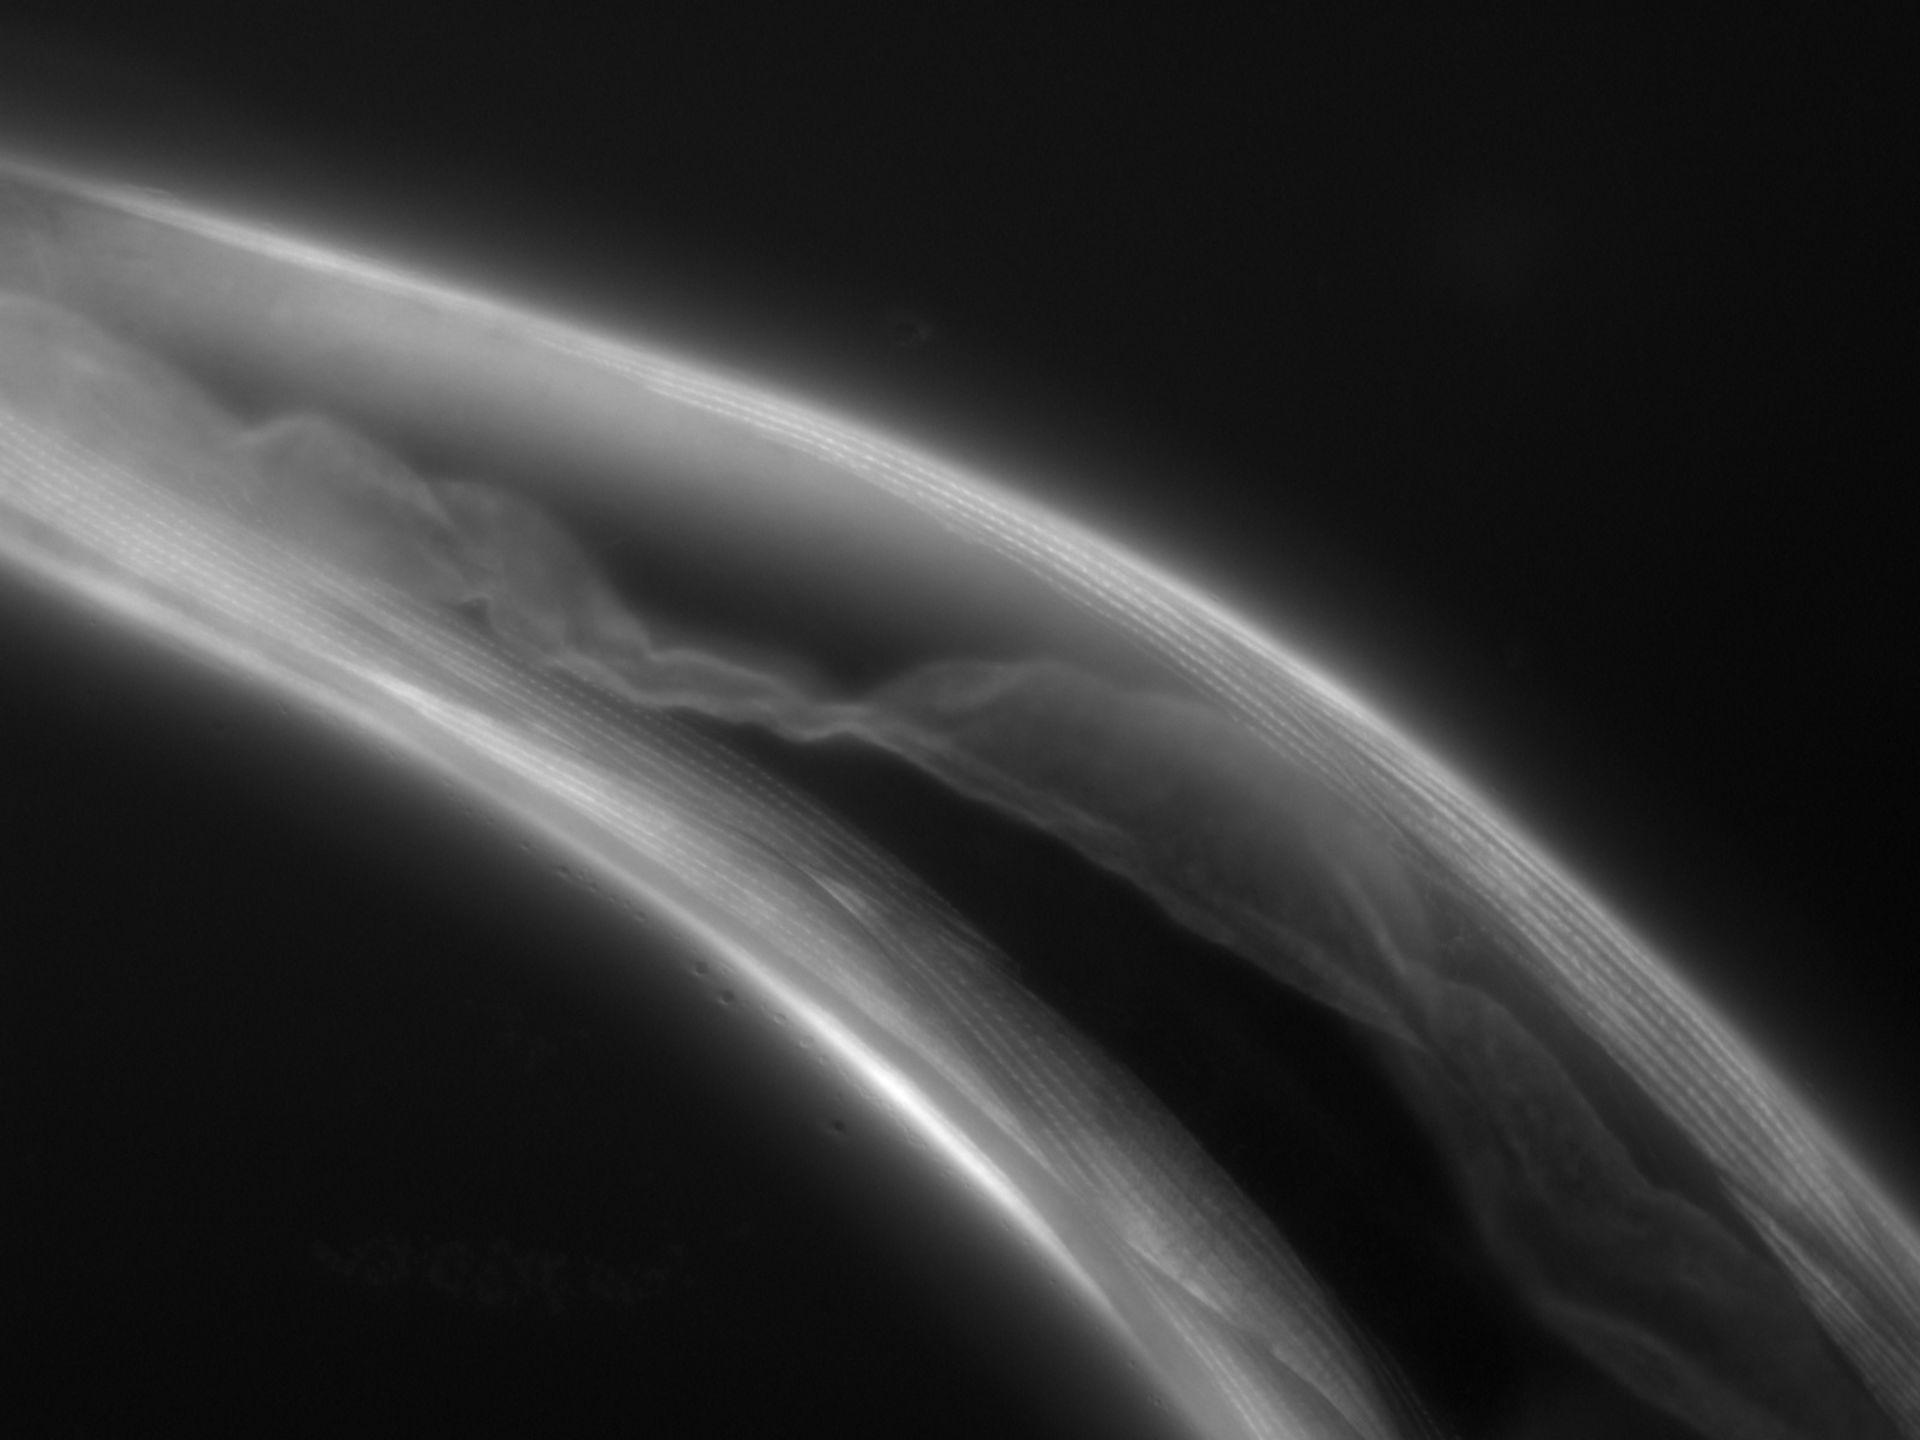 Caenorhabditis elegans (Actin filament) - CIL:1074